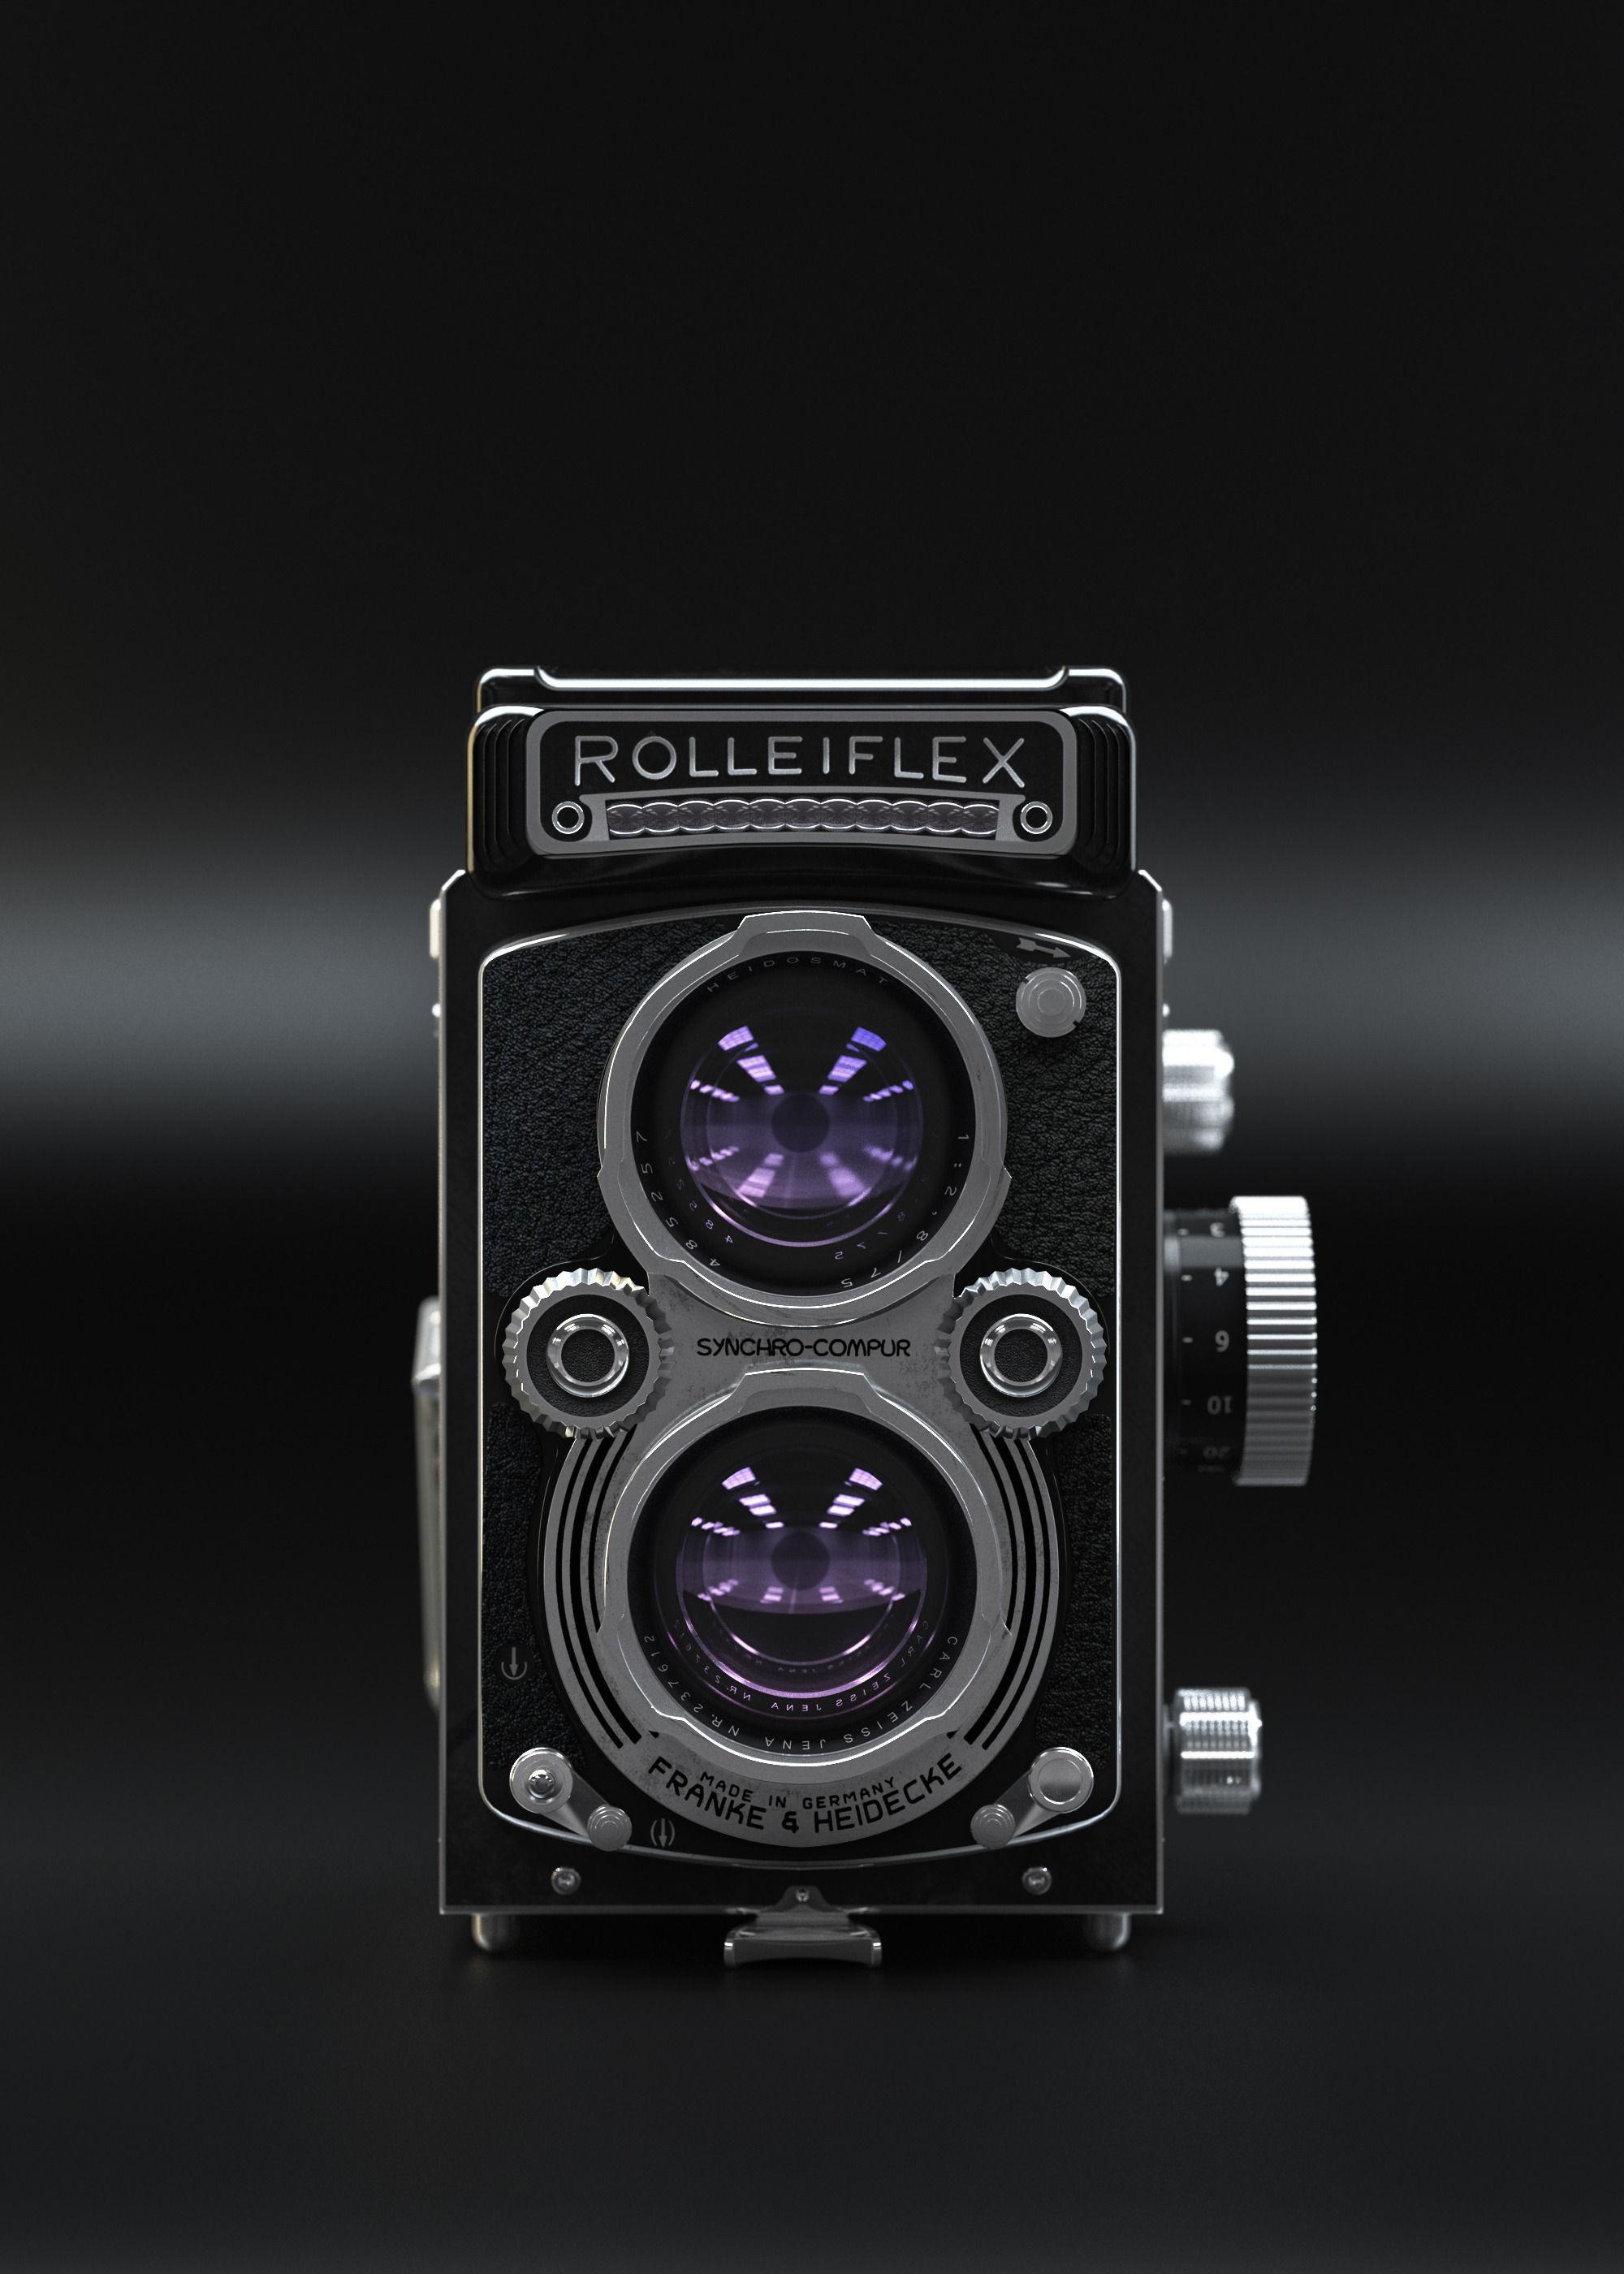 Rolleiflex camera retro